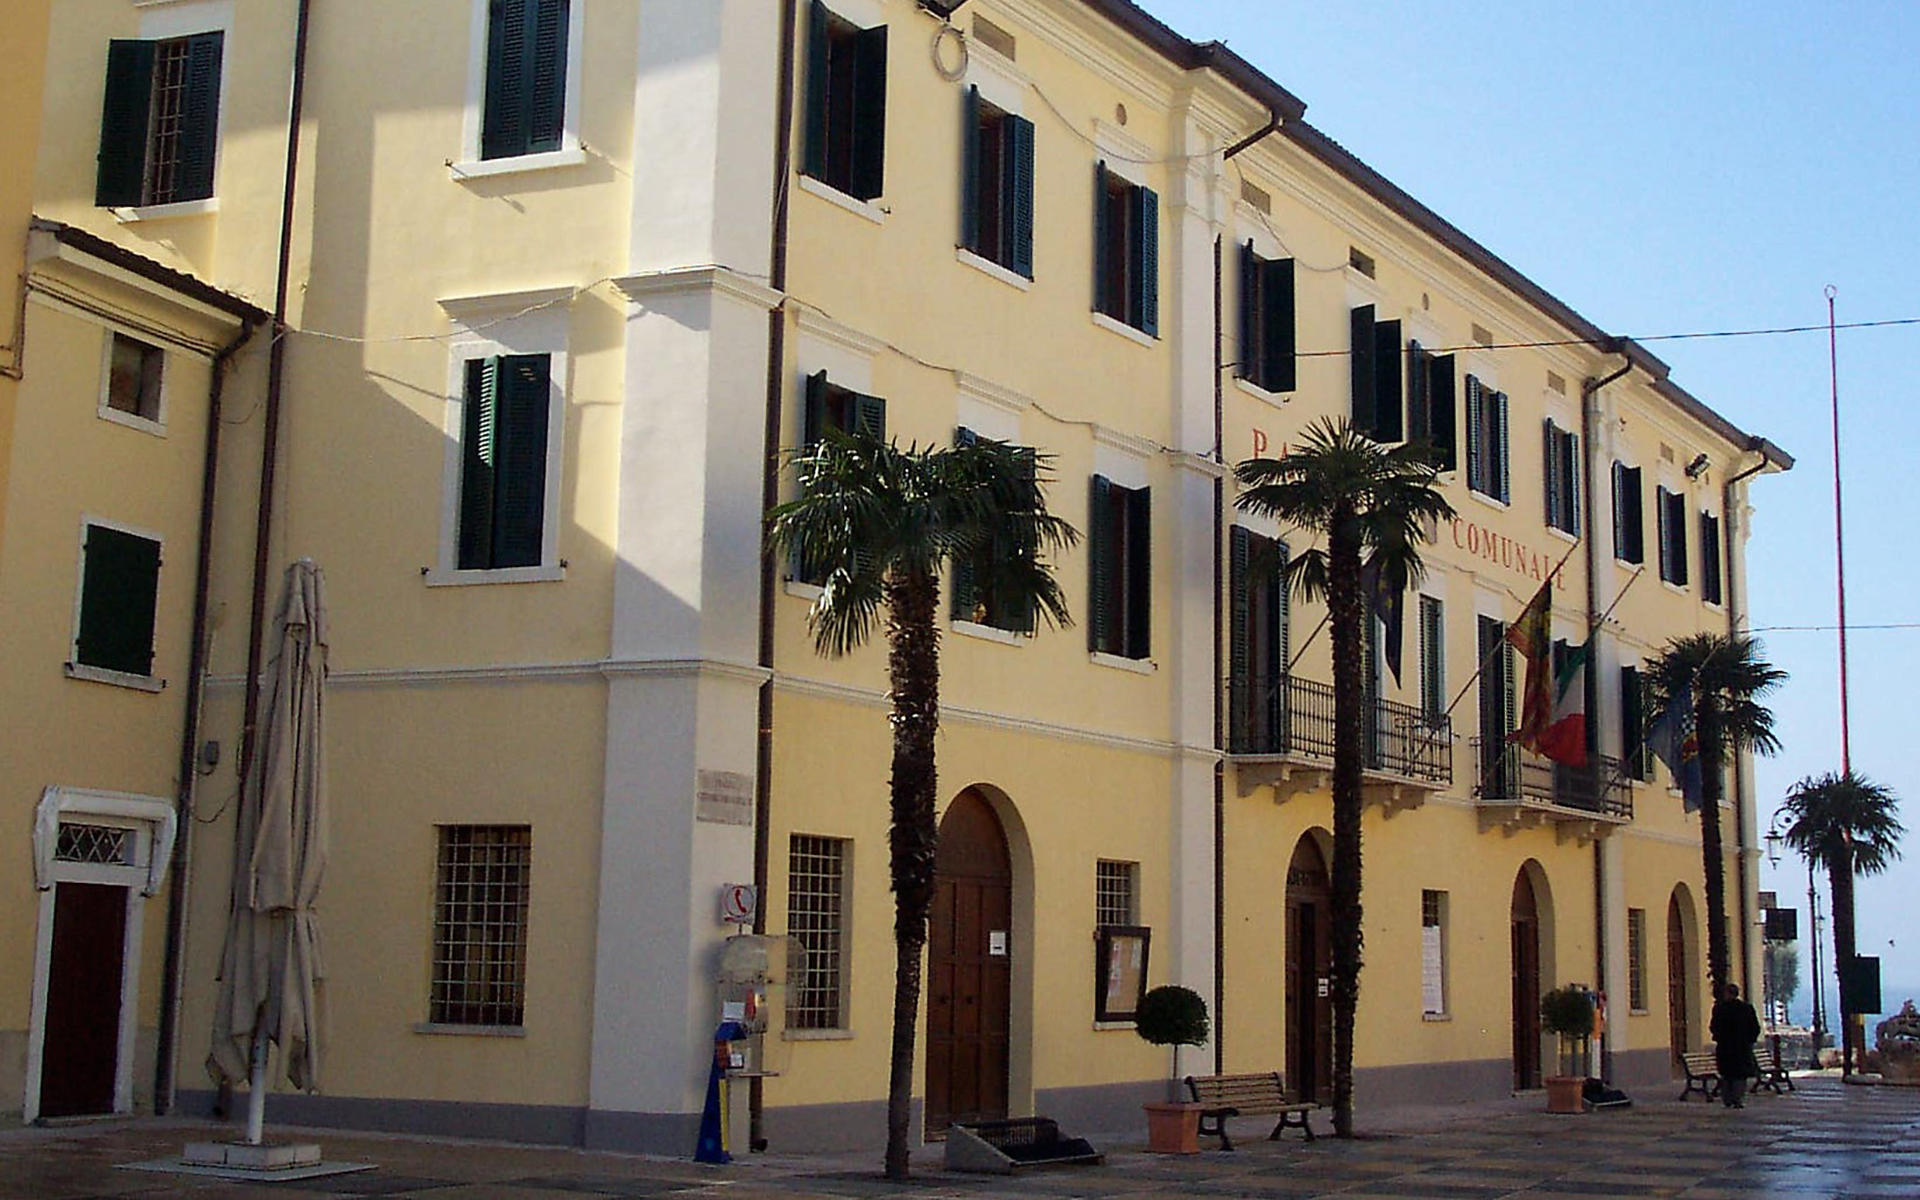 Municipio Lazise